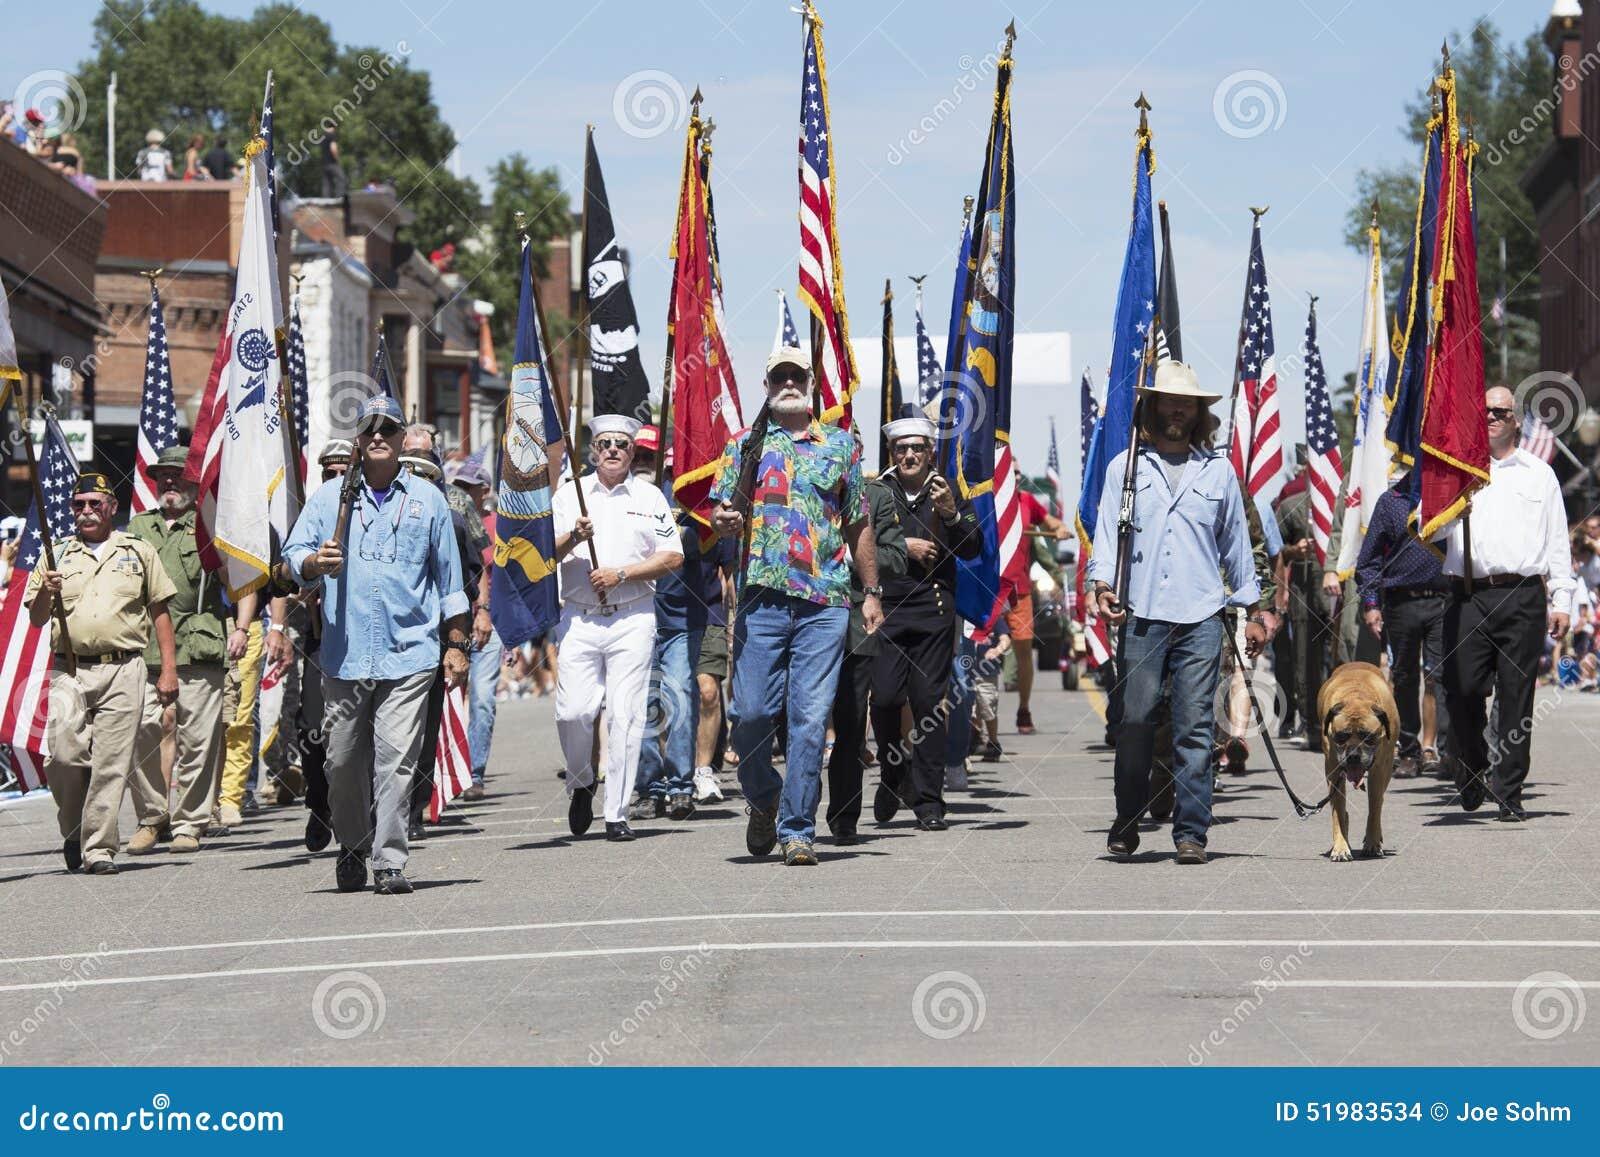 I veterani marciano gi main street il 4 luglio parata - Papaveri e veterani giorno di papaveri e veterani ...